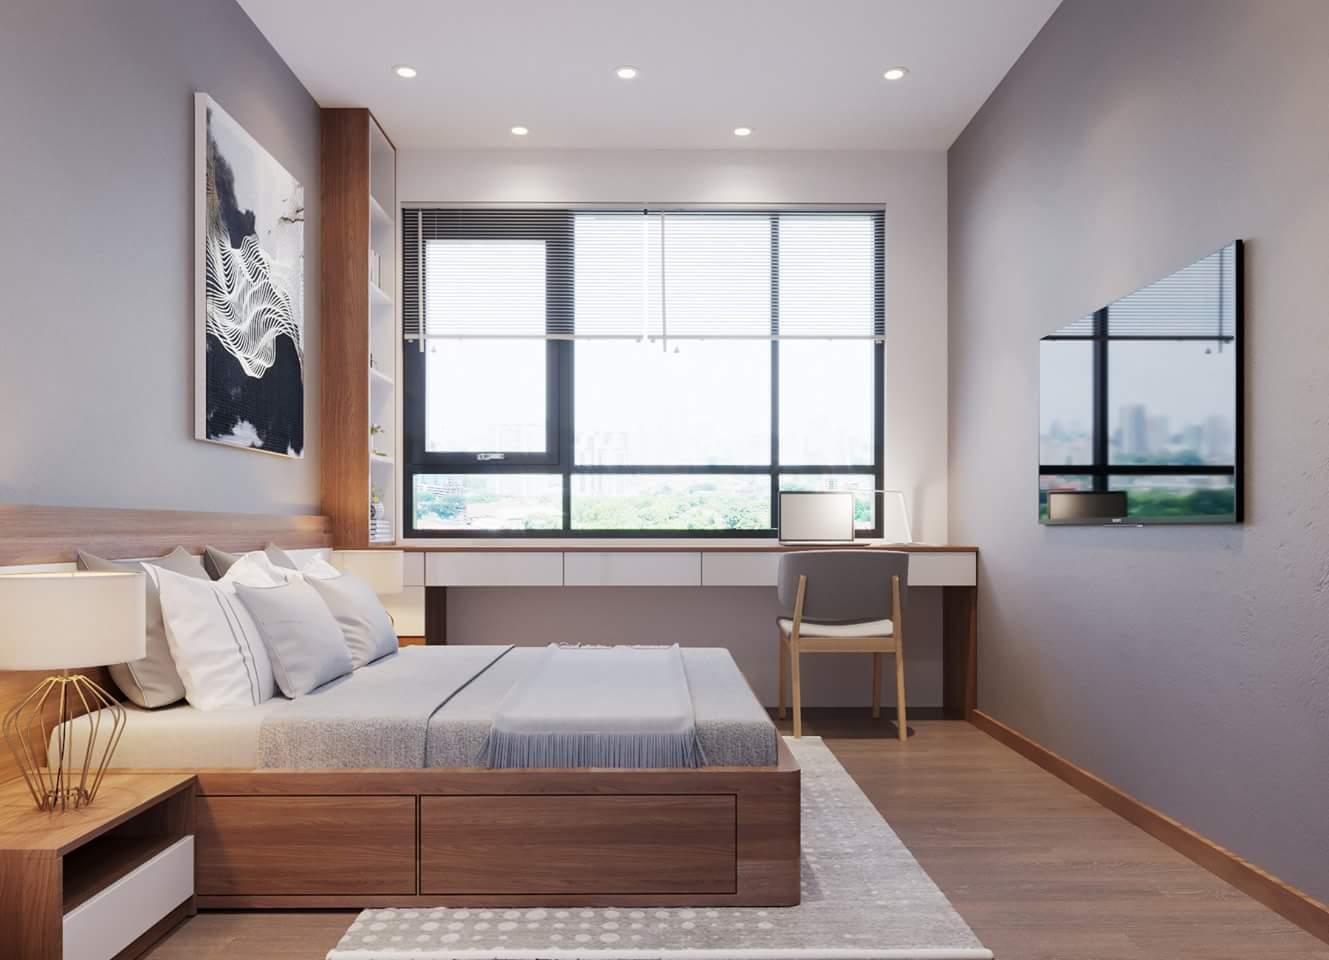 Cách tính kích thước cửa sổ phòng ngủ như thế nào phù hợp?